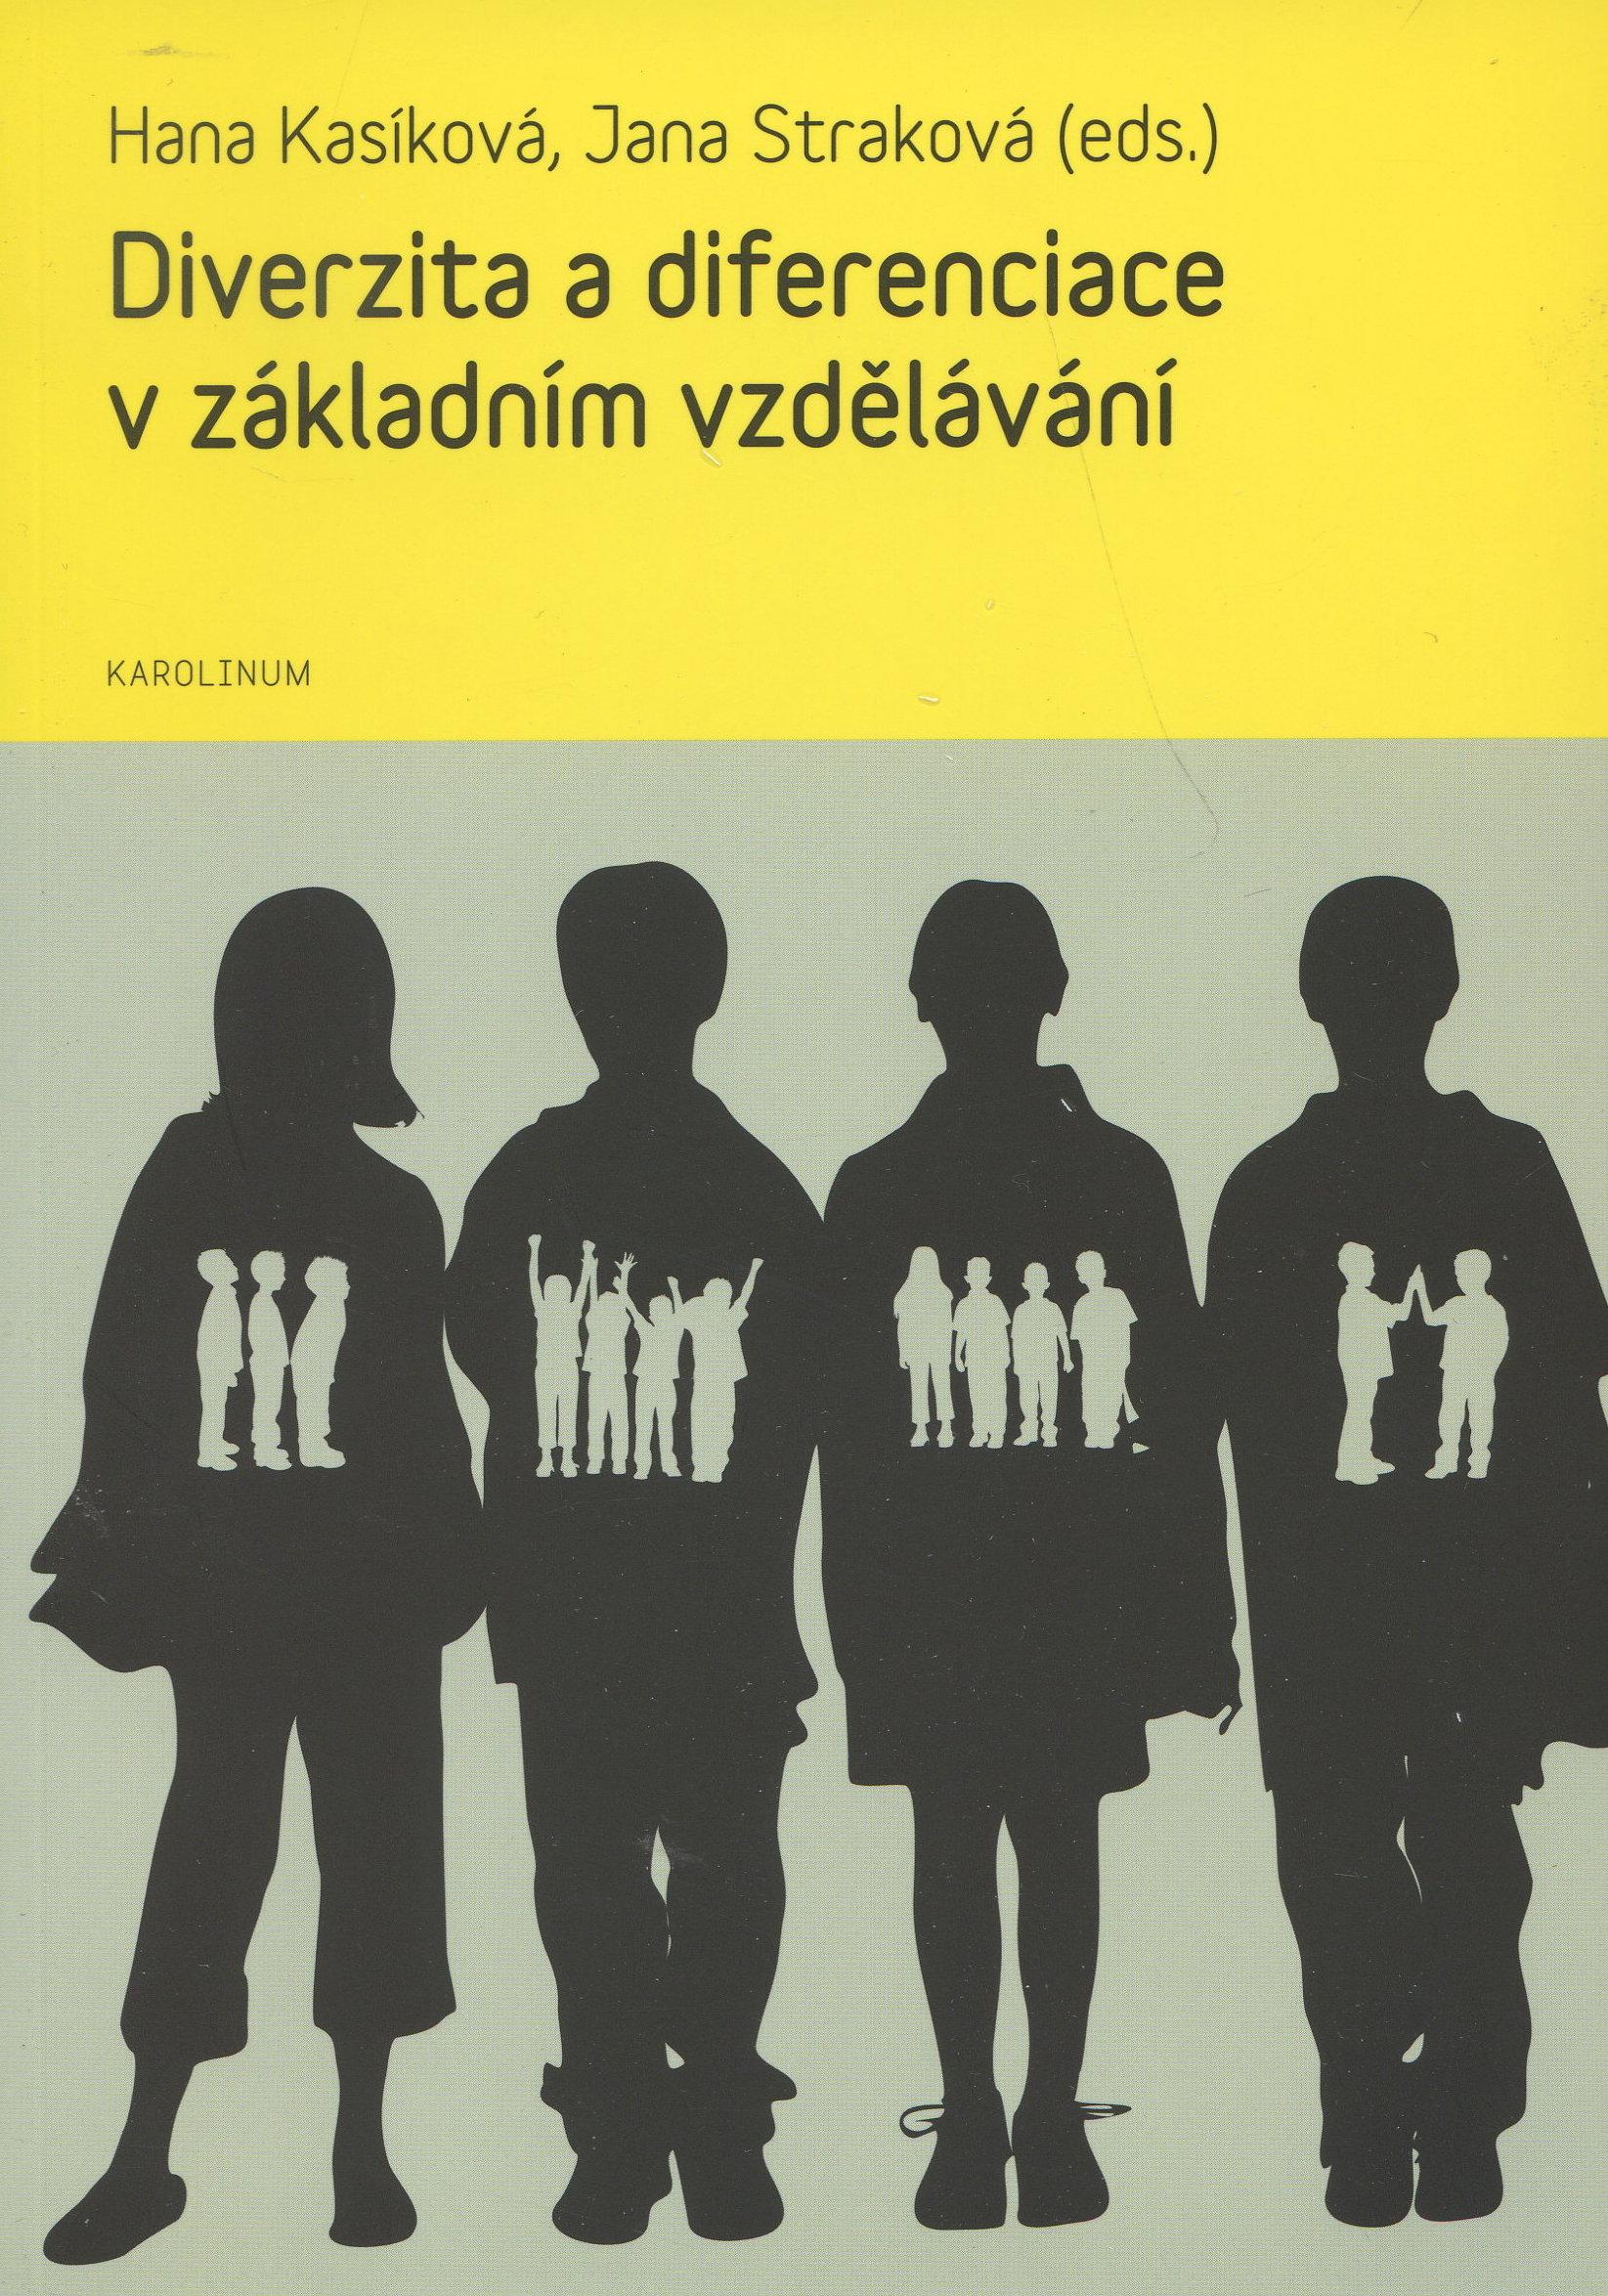 Diverzita a diferenciace v základním vzdělávání